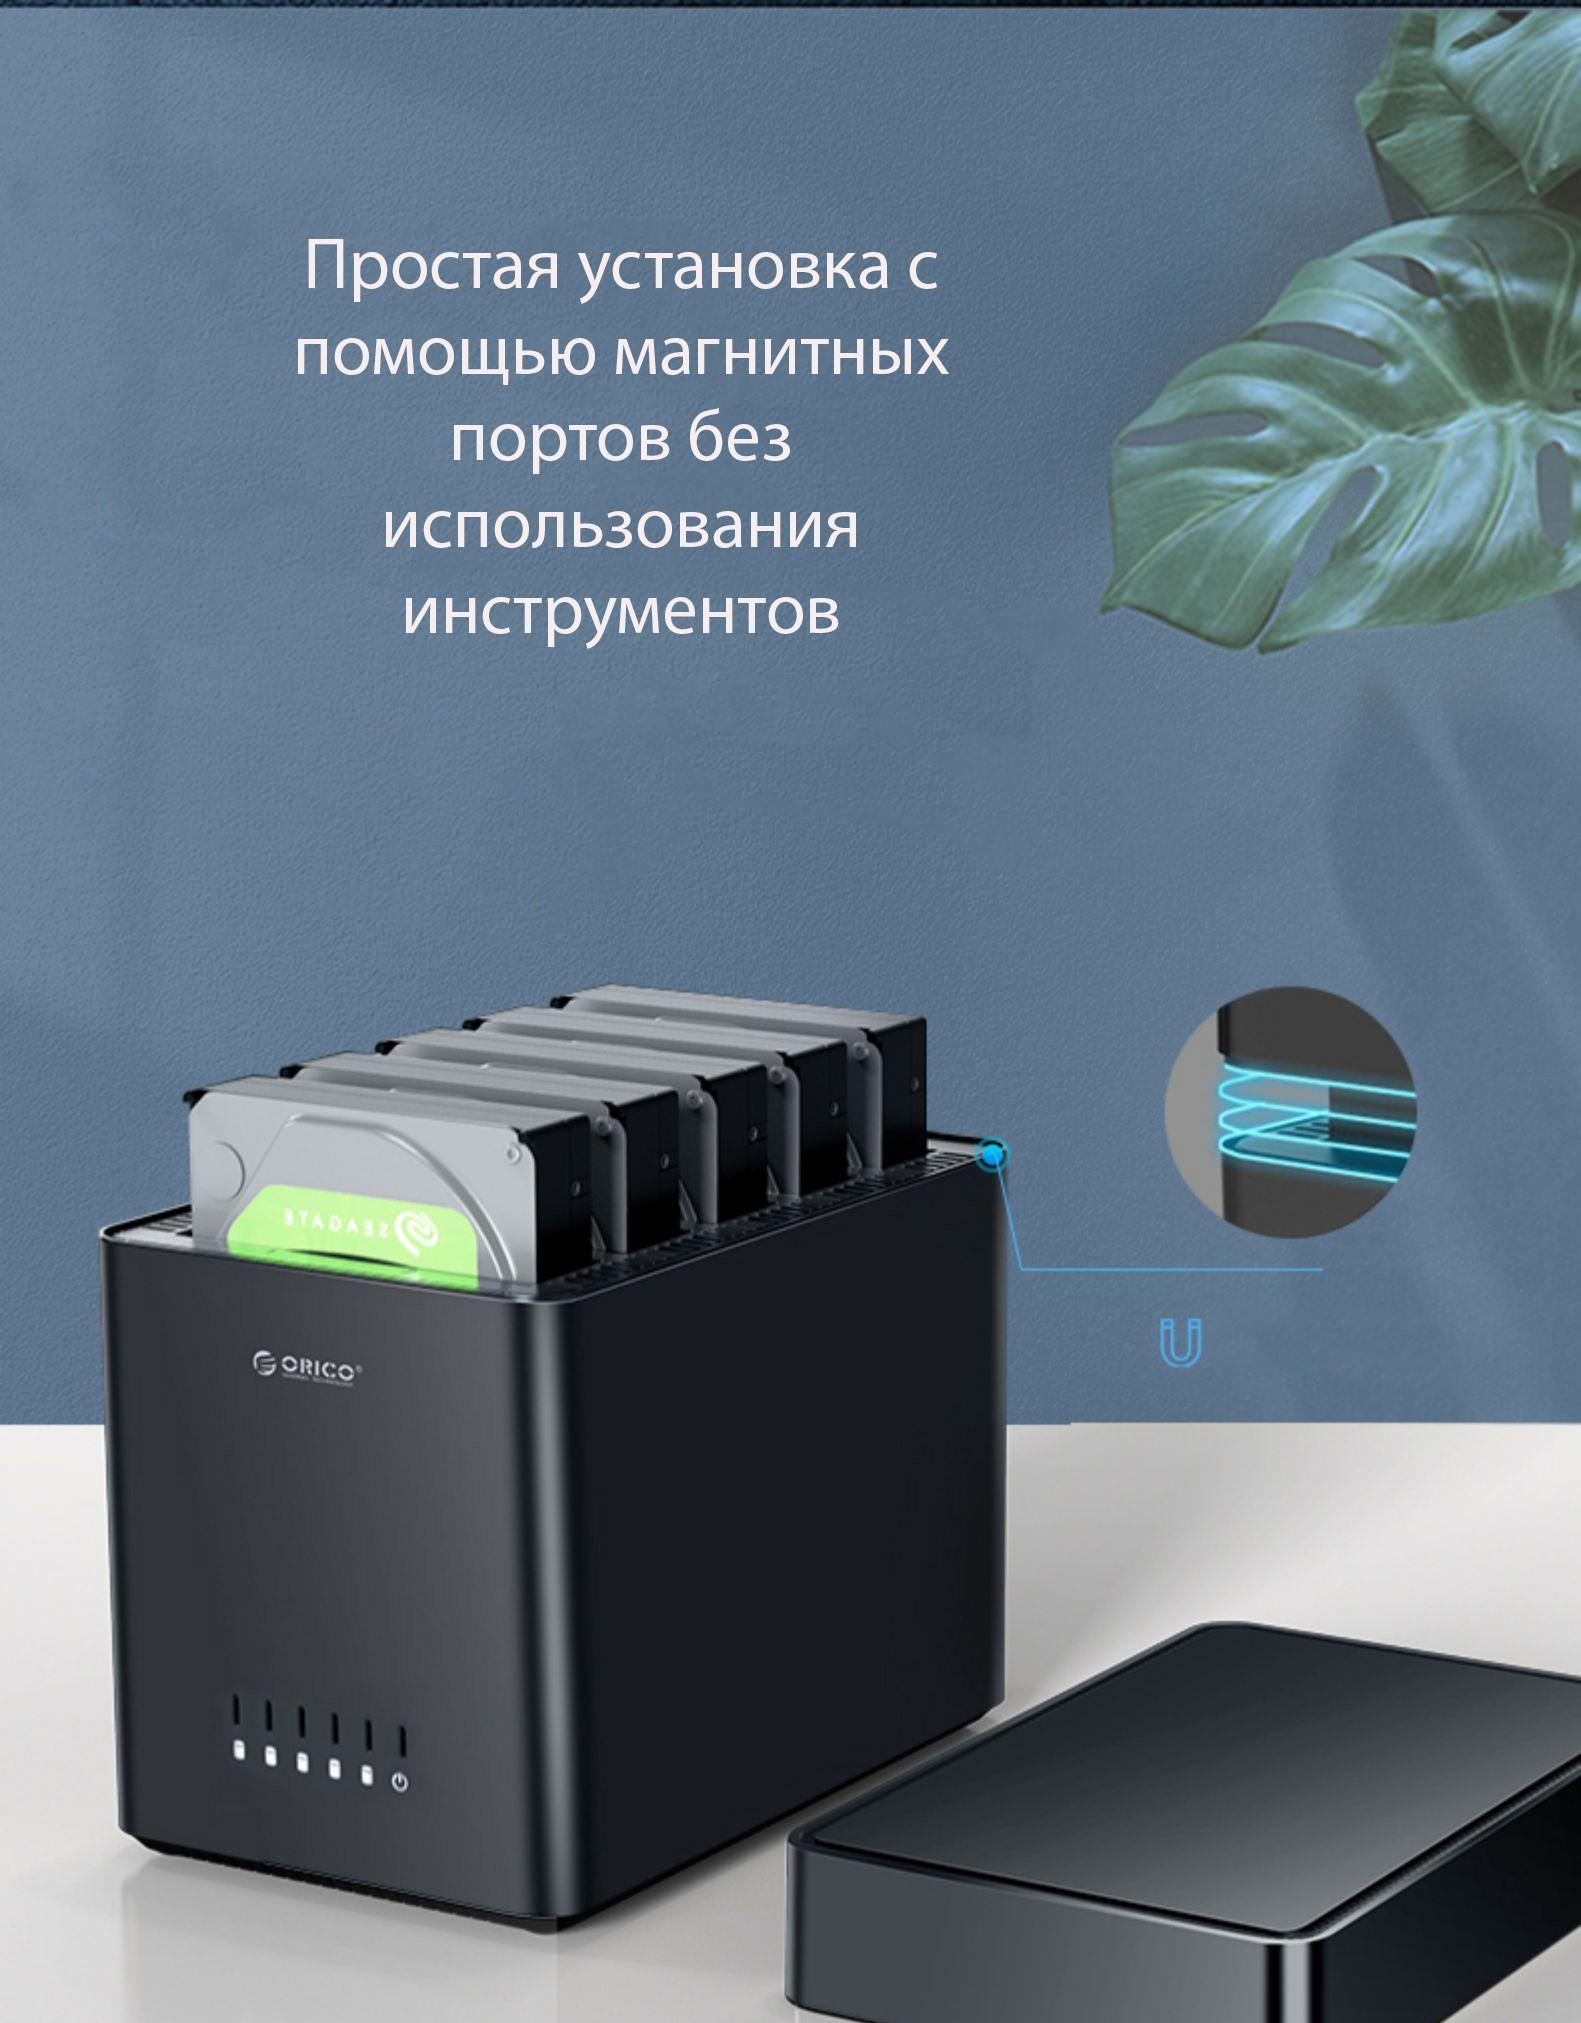 Внешний корпус для жестких дисков 35ʺ Orico DS500U3 09 - Внешний корпус для жестких дисков 3,5ʺ Orico DS500U3, вмещает 1-5 дисков, магнитный разъем